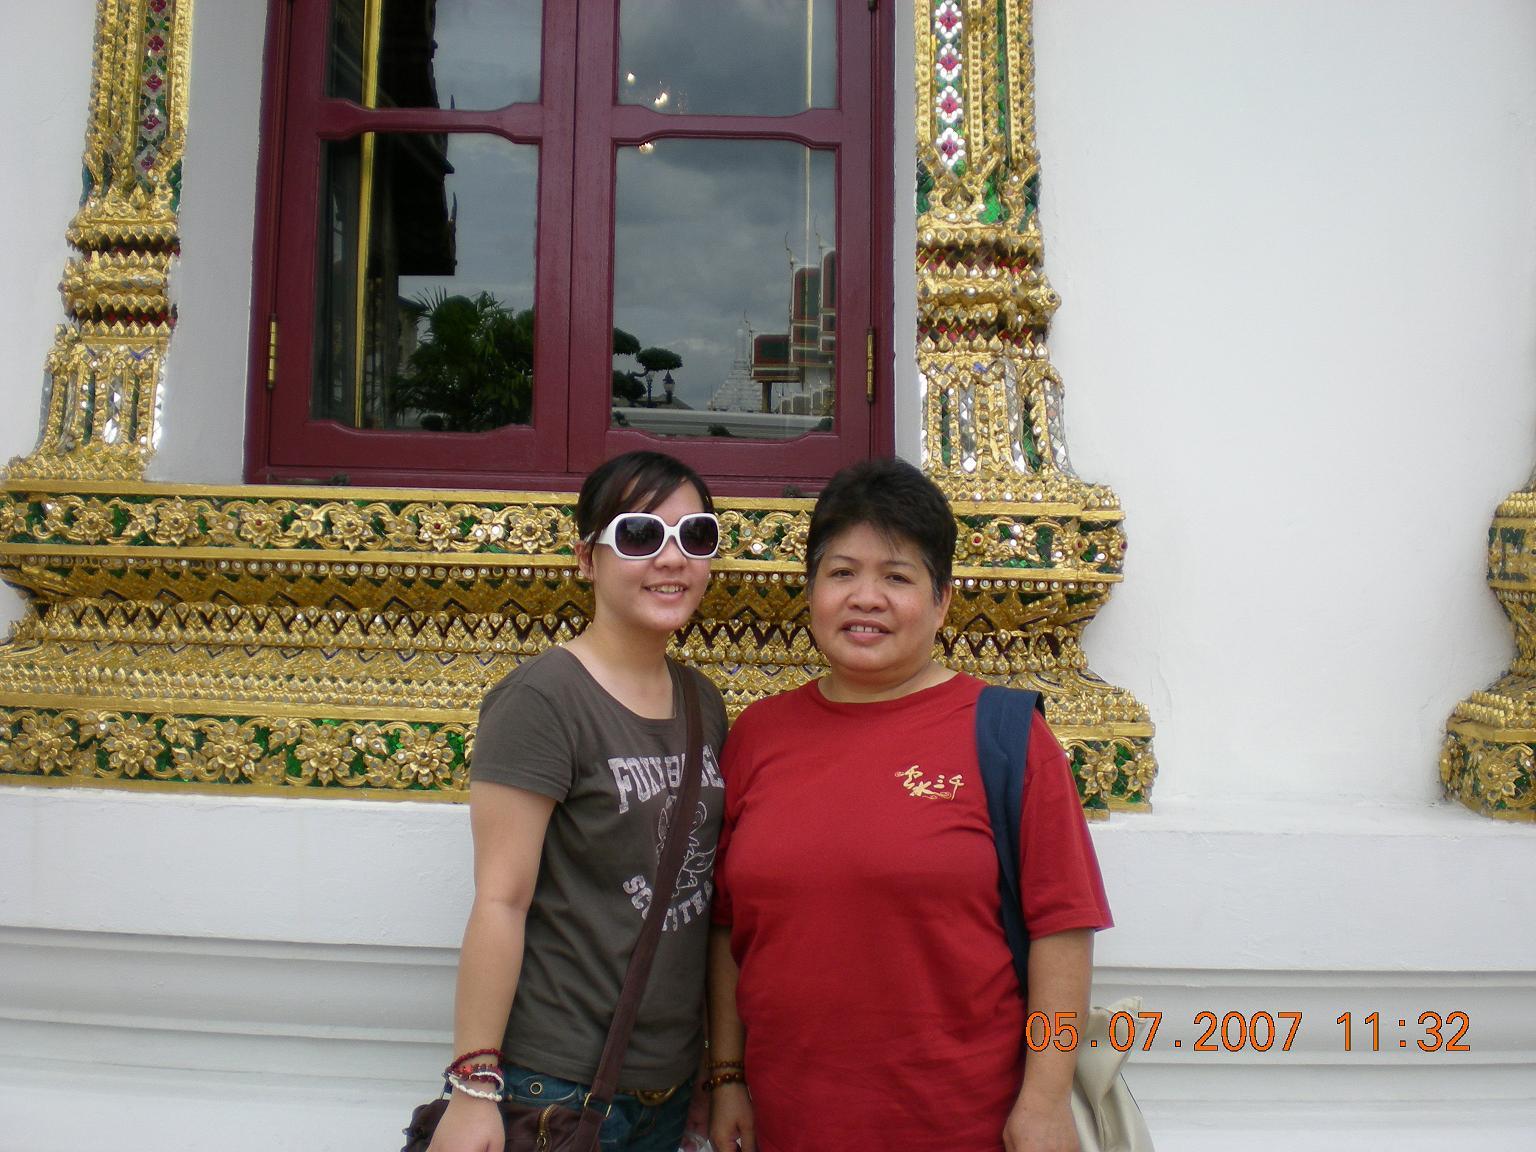 ❤ 曼谷 2007 ❤